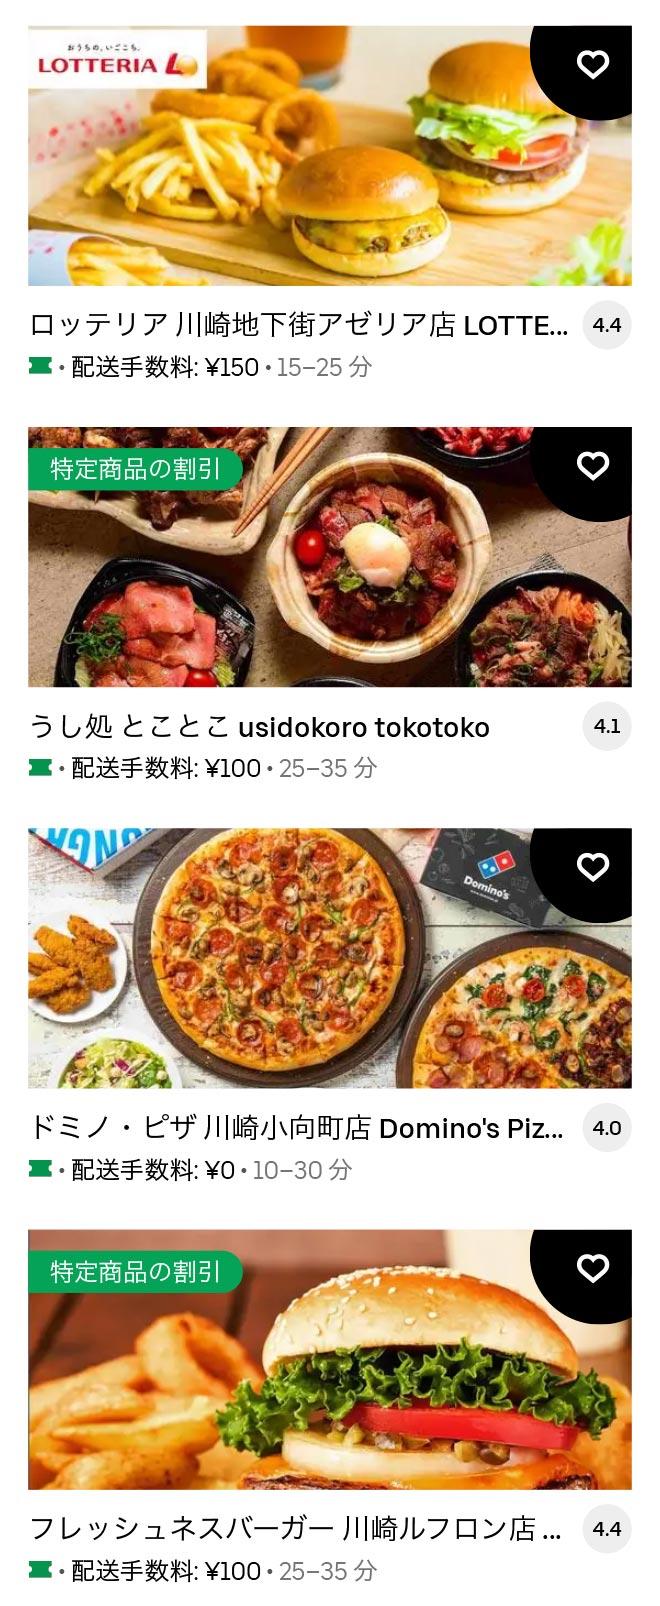 1 u kawasaki 2105 05